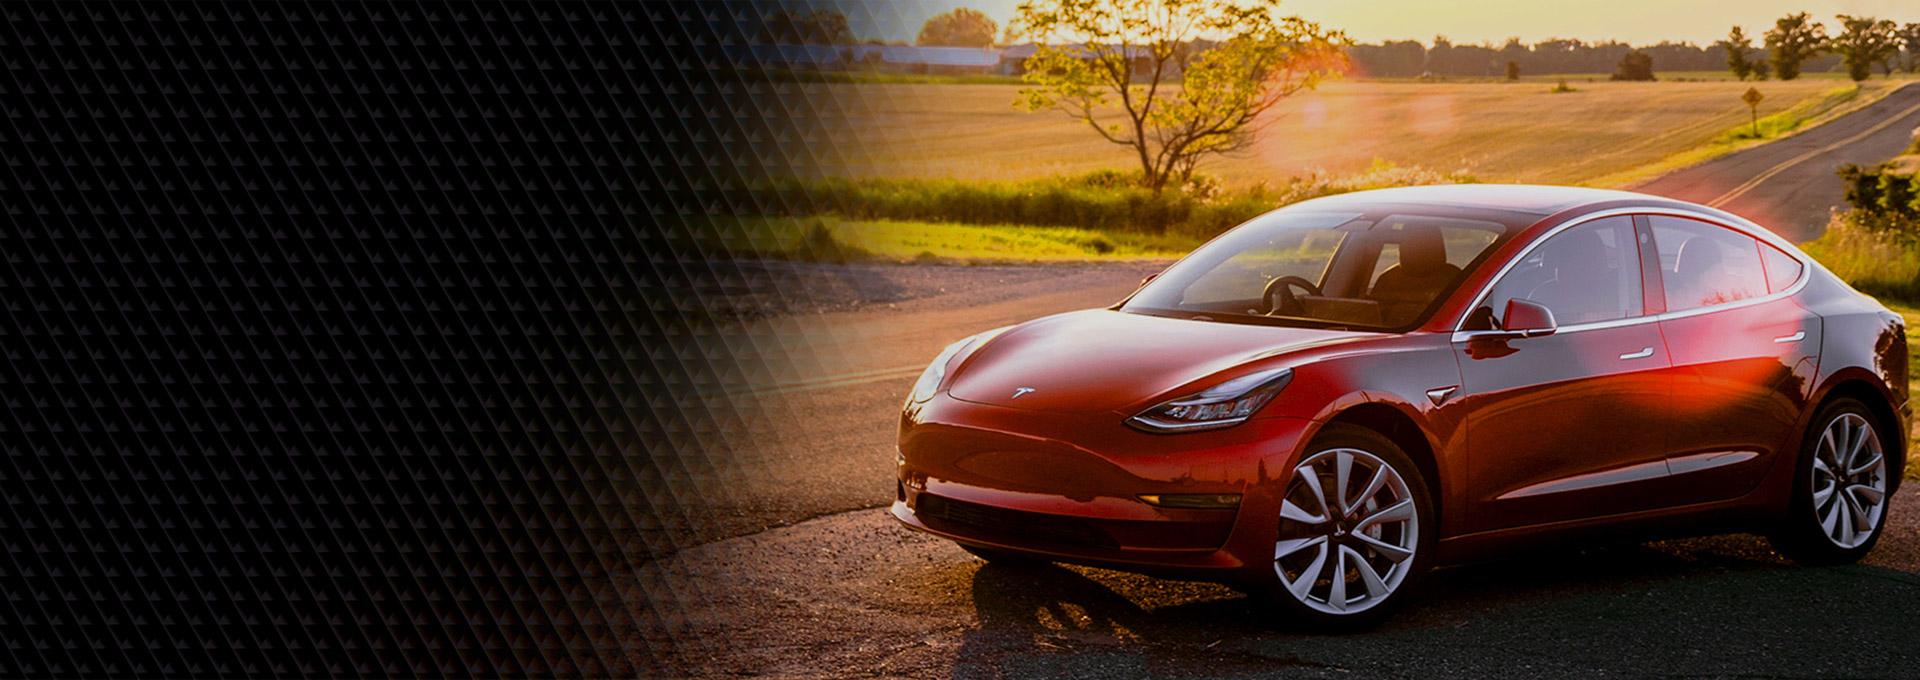 CLMS - EV & Hybrid